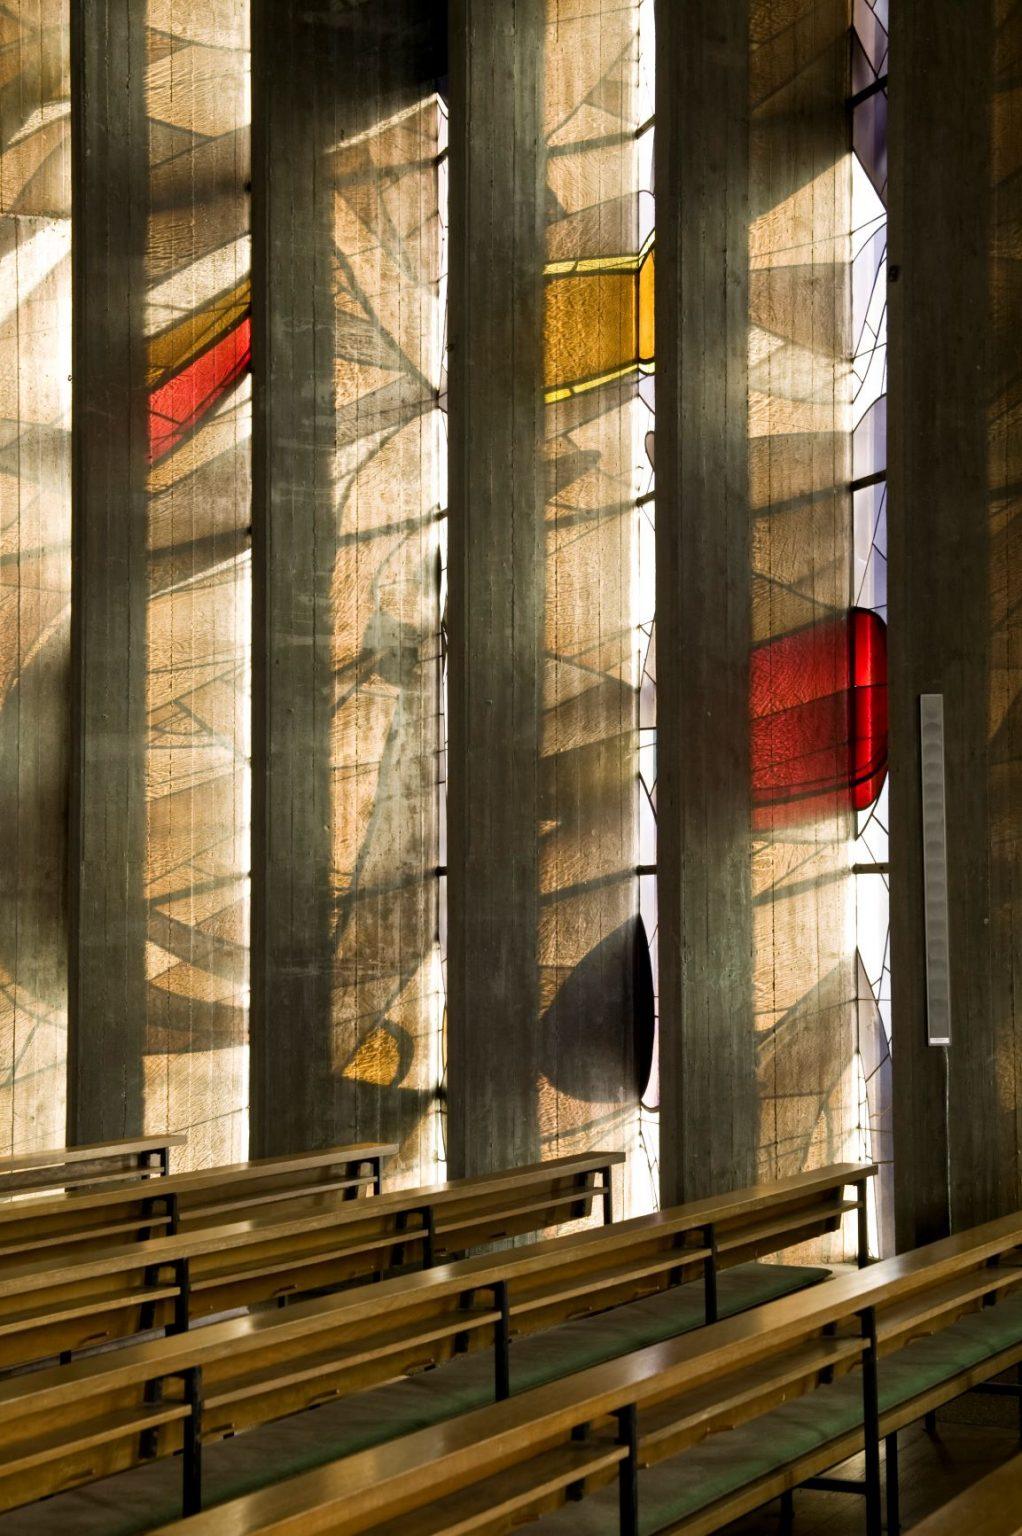 Bild: Landesamt für Denkmalpflege im Regierungspräsidium Stuttgart, Foto: Bernd Hausner